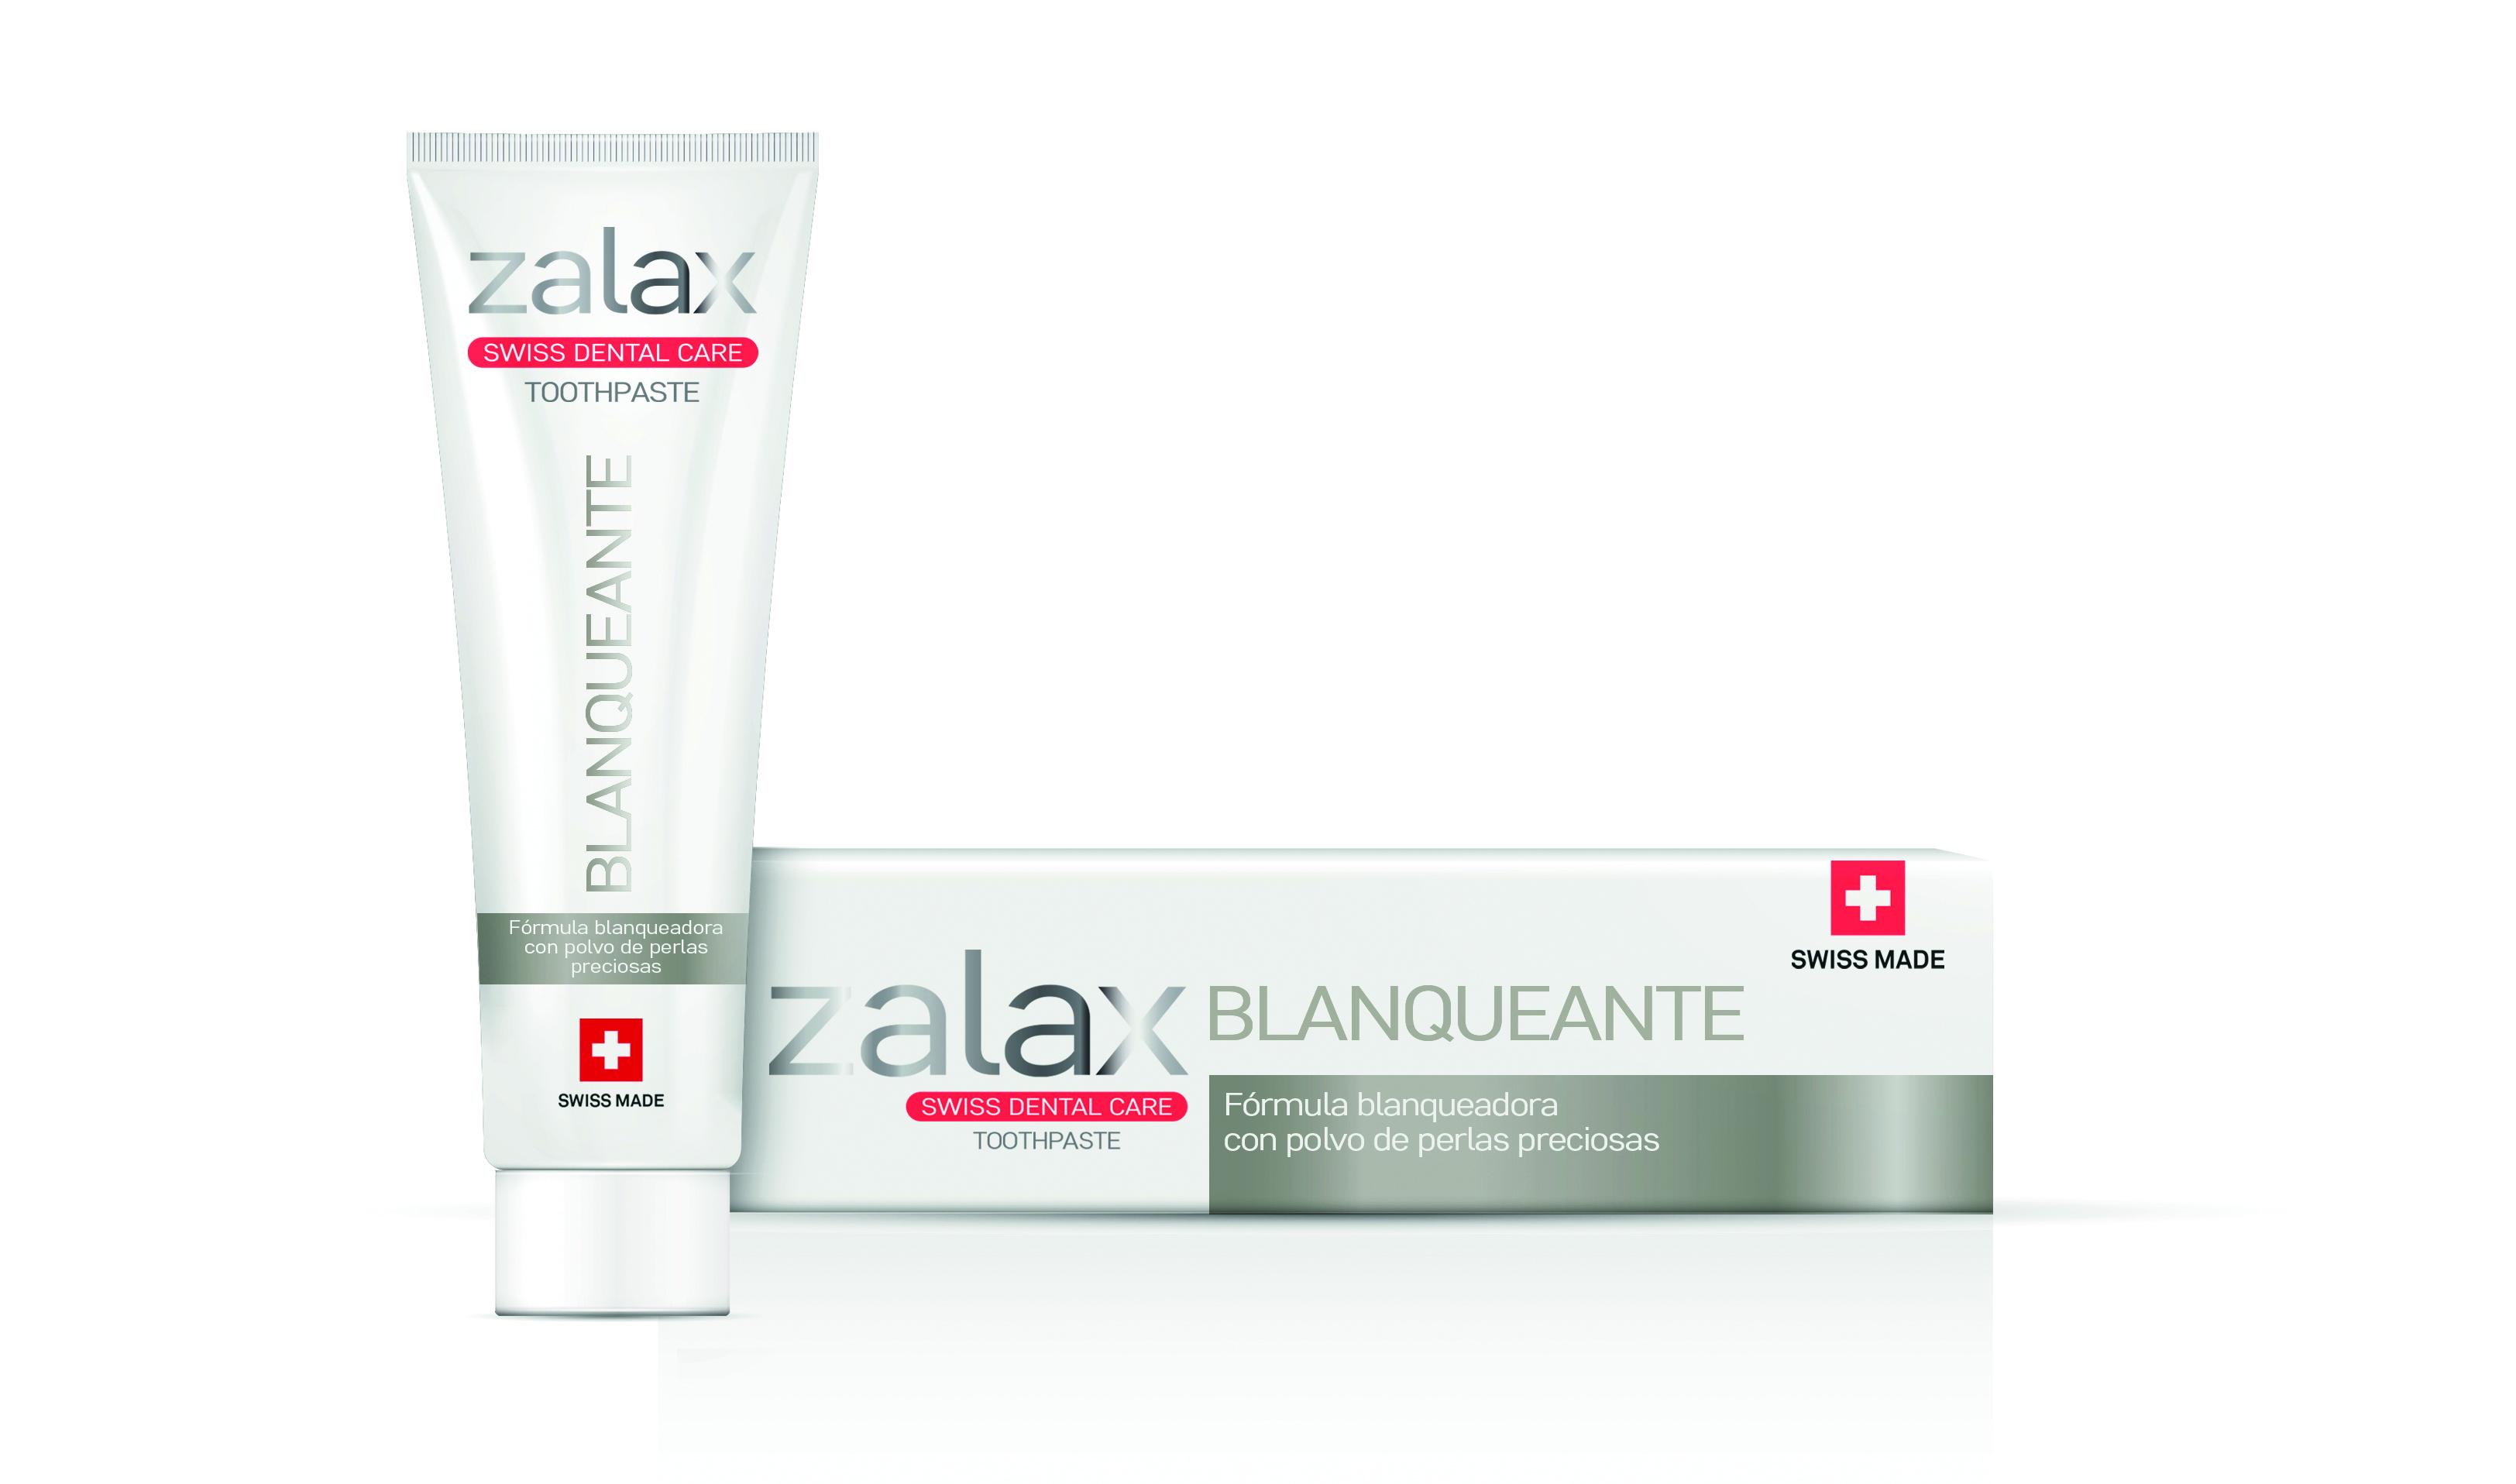 Gama premium de pasta de dientes con origen y calidad suiza